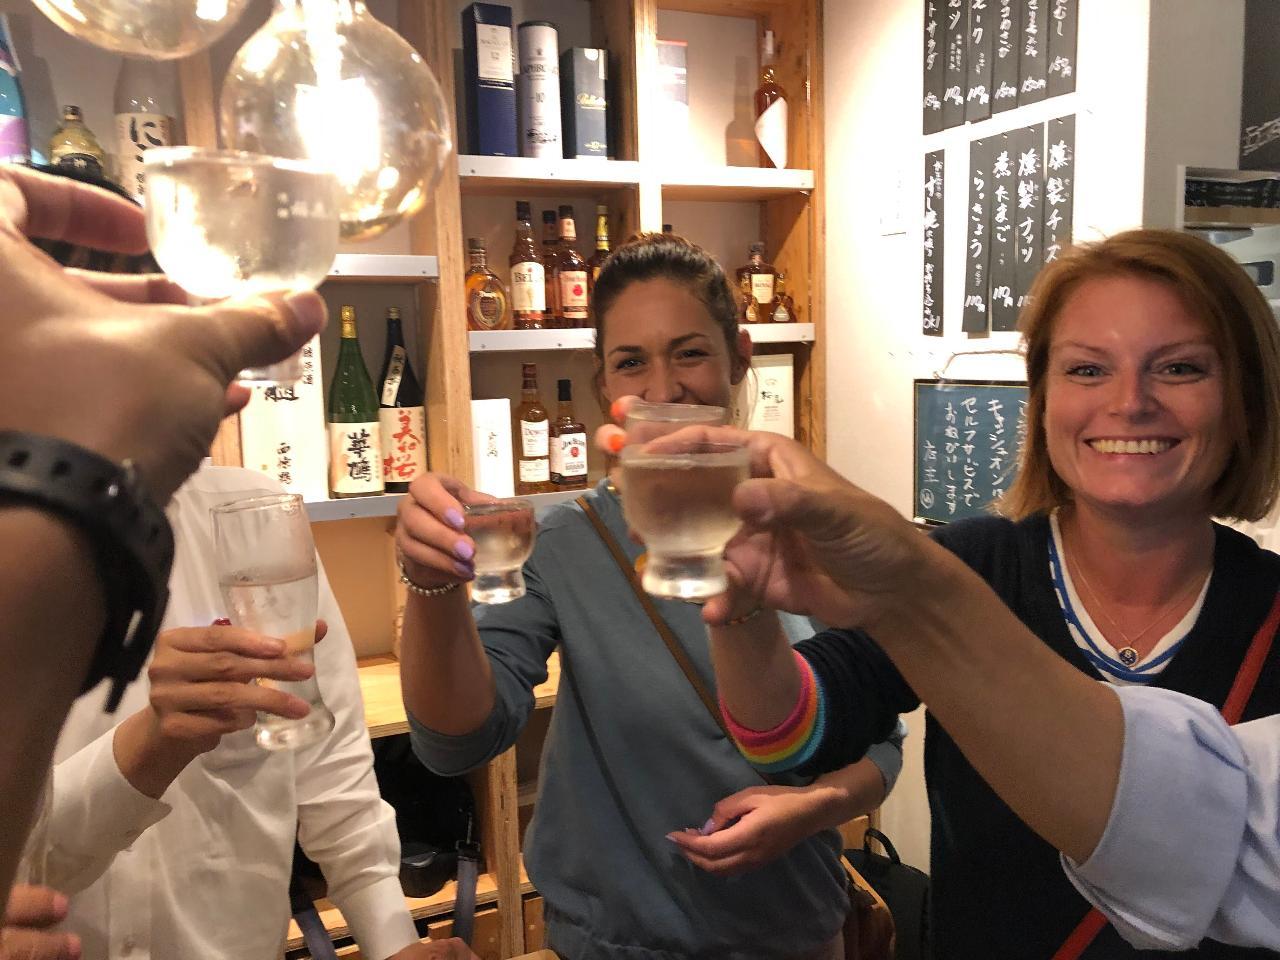 広島:地元おすすめの店を巡るプライベートナイトフードツアー